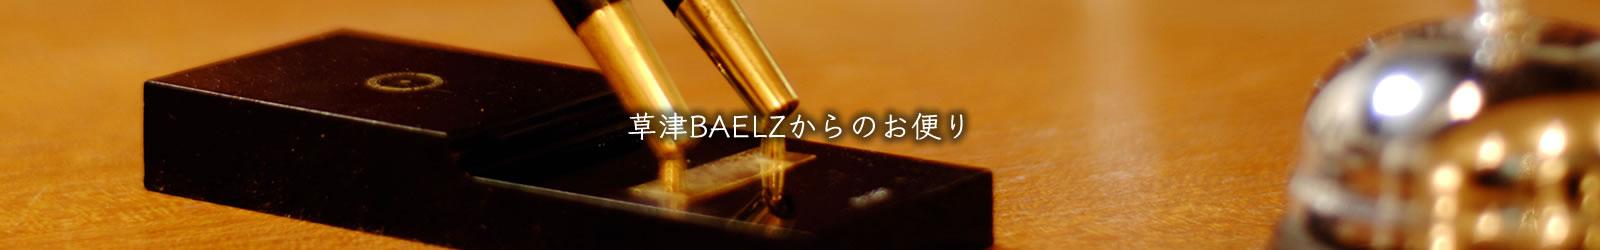 草津BAELZからのお知らせ